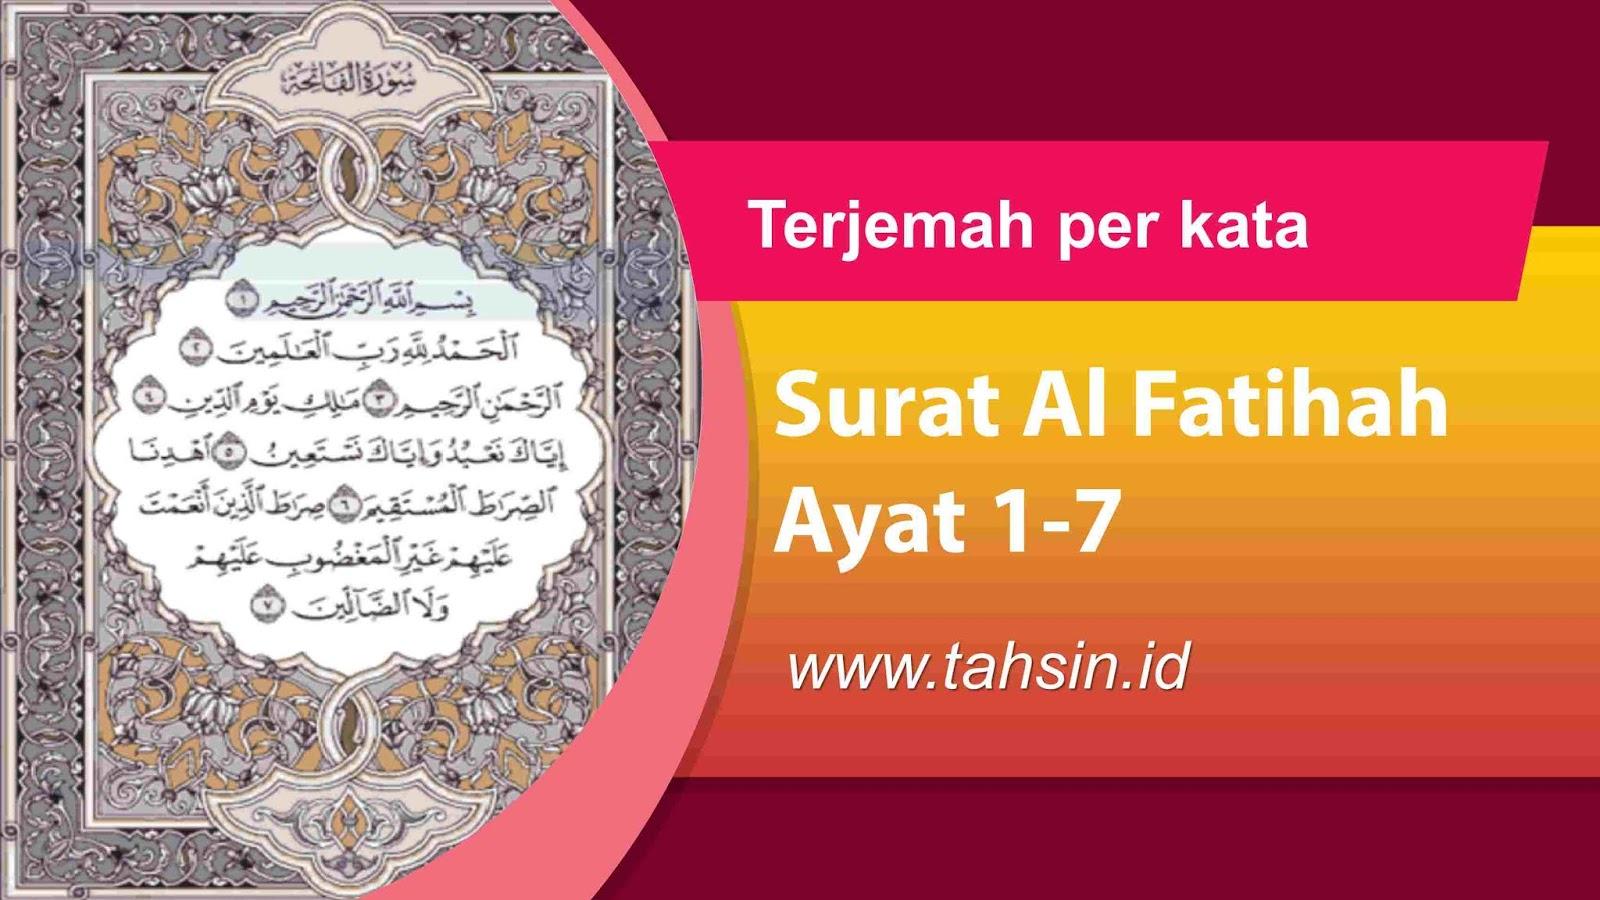 Terjemah Surat Al Fatihah Per Kata Ayat 1 7